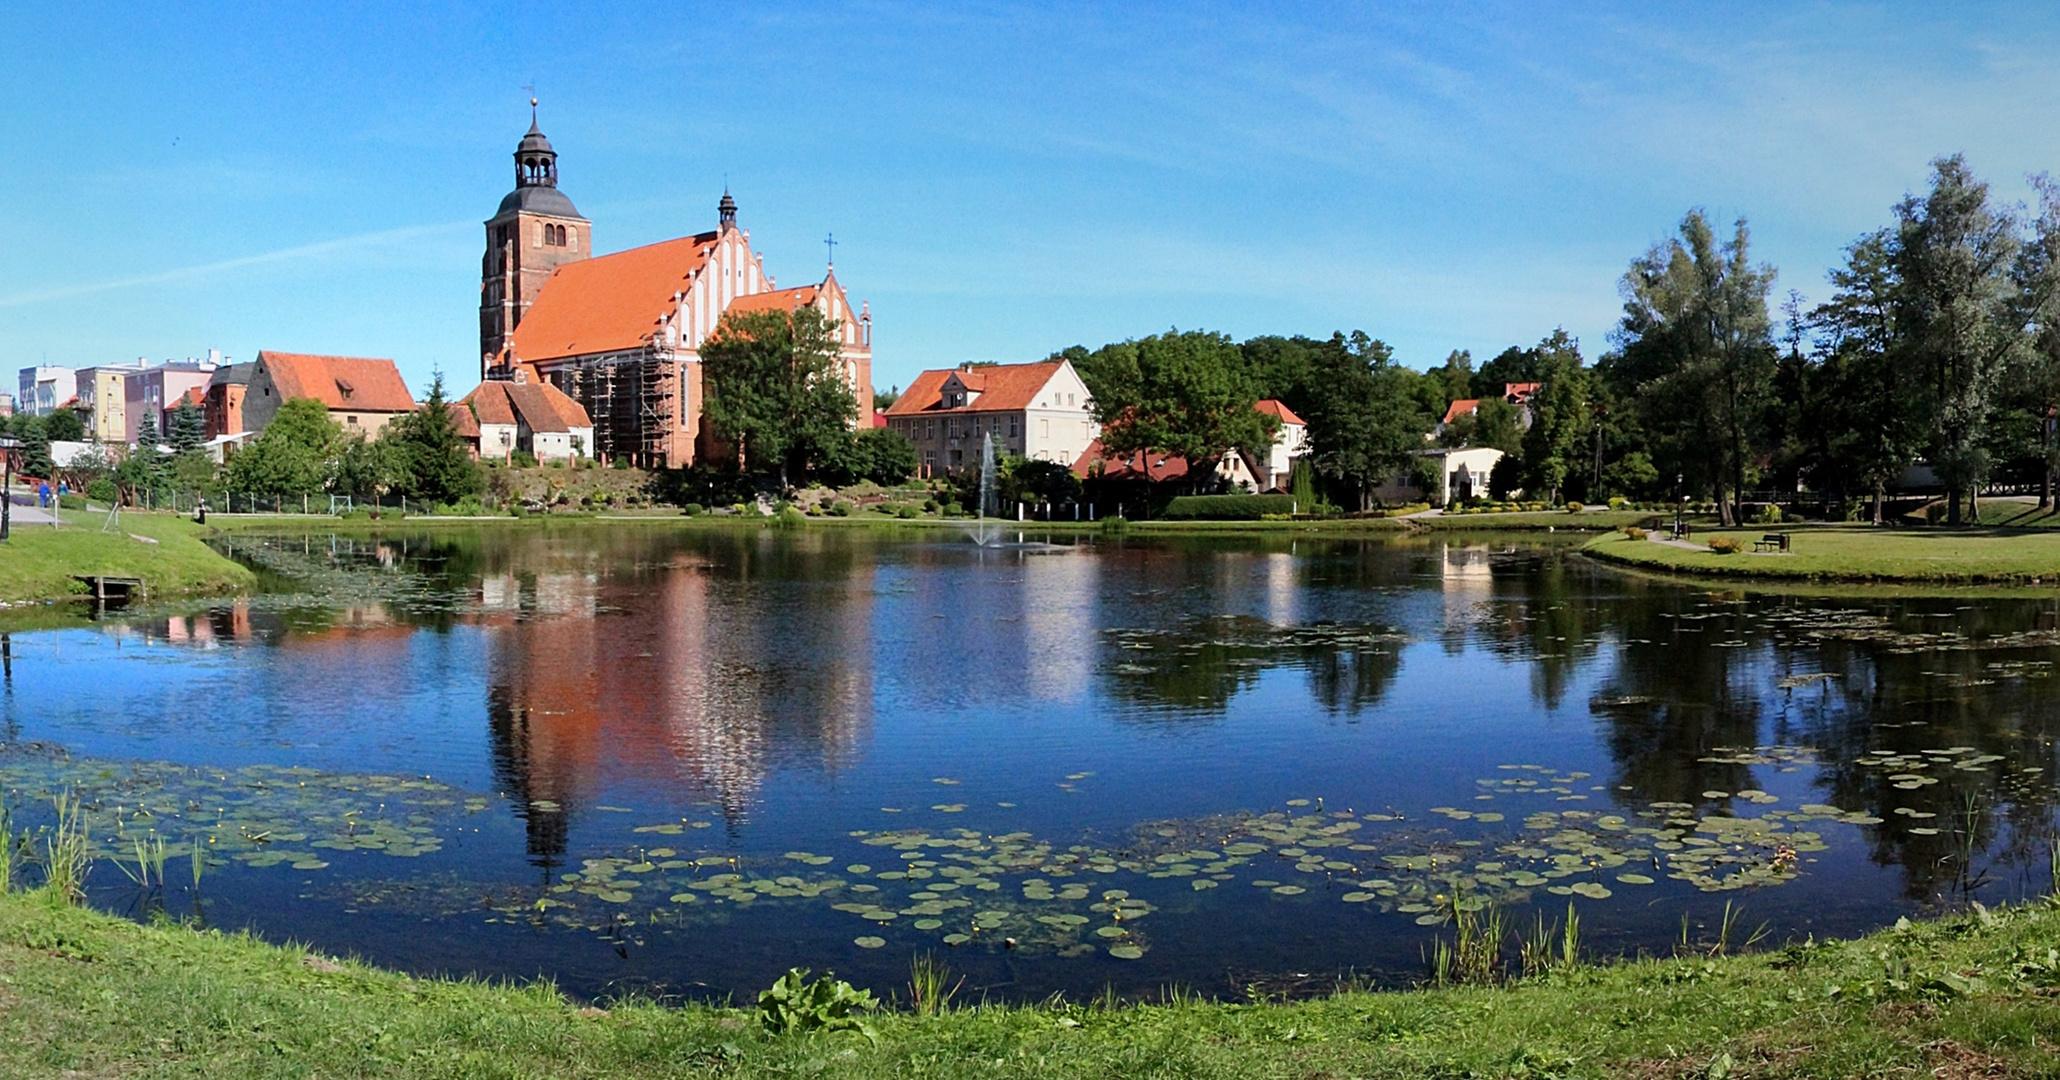 Wasser in Ermland- Masuren - Teichlandschaft in Barczewo